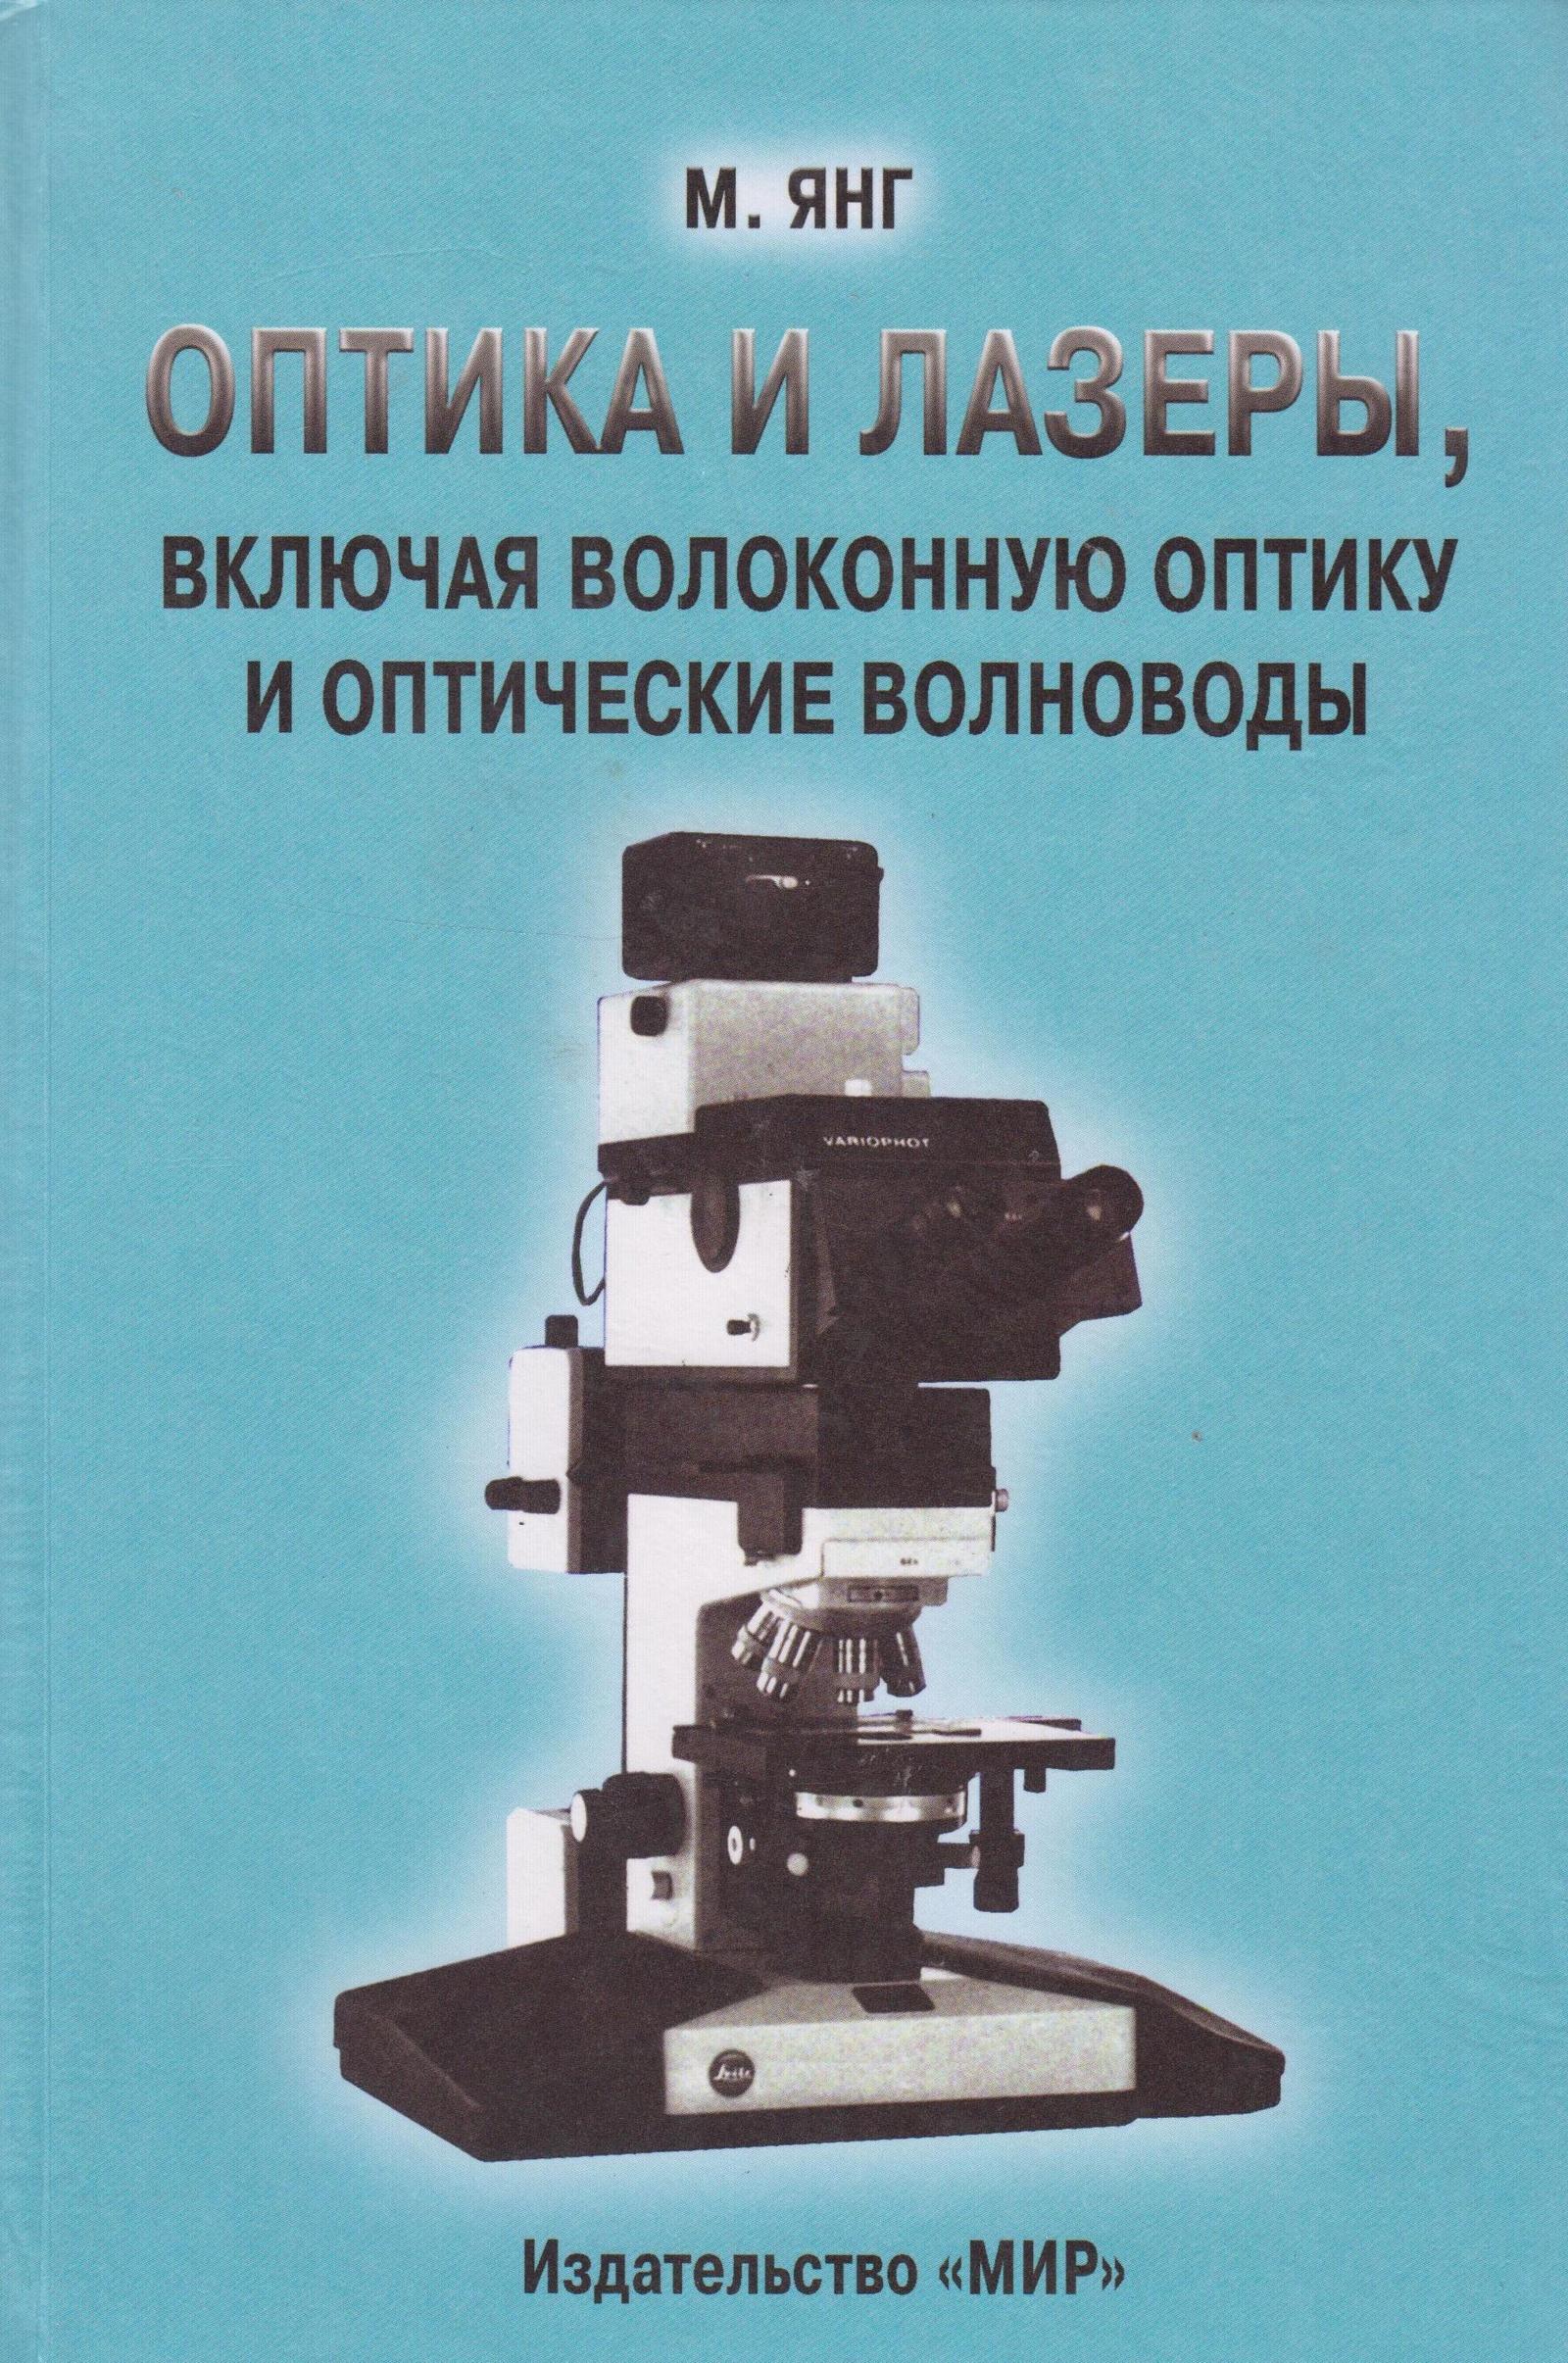 Янг Матт Оптика и лазеры, включая волоконную оптику и оптические волноводы